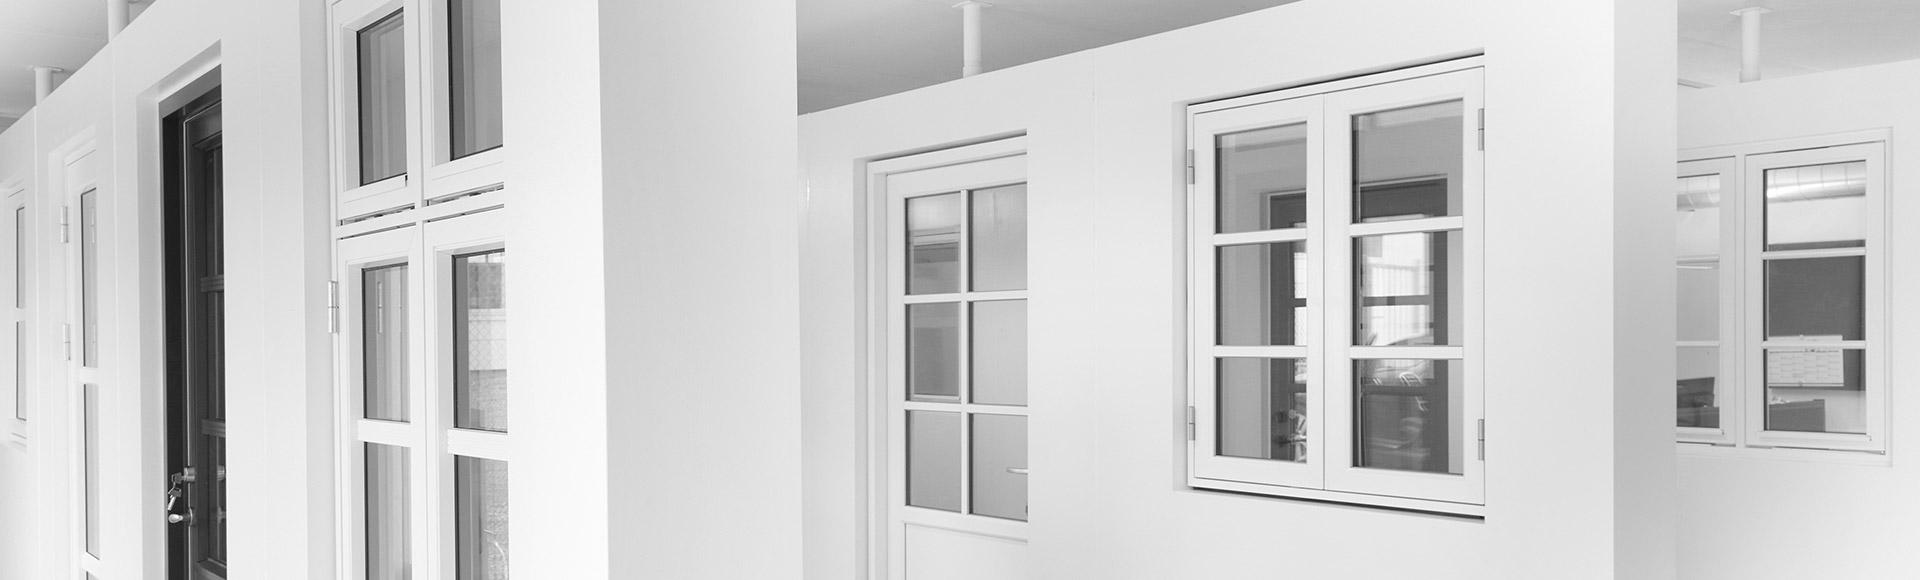 Full Size of Zwangsbelüftung Fenster Nachrüsten Obi Rundes Sicherheitsbeschläge Beleuchtung Velux Kaufen Einbruchschutz Insektenschutzgitter Jalousien Innen Fenster Fenster Nach Maß